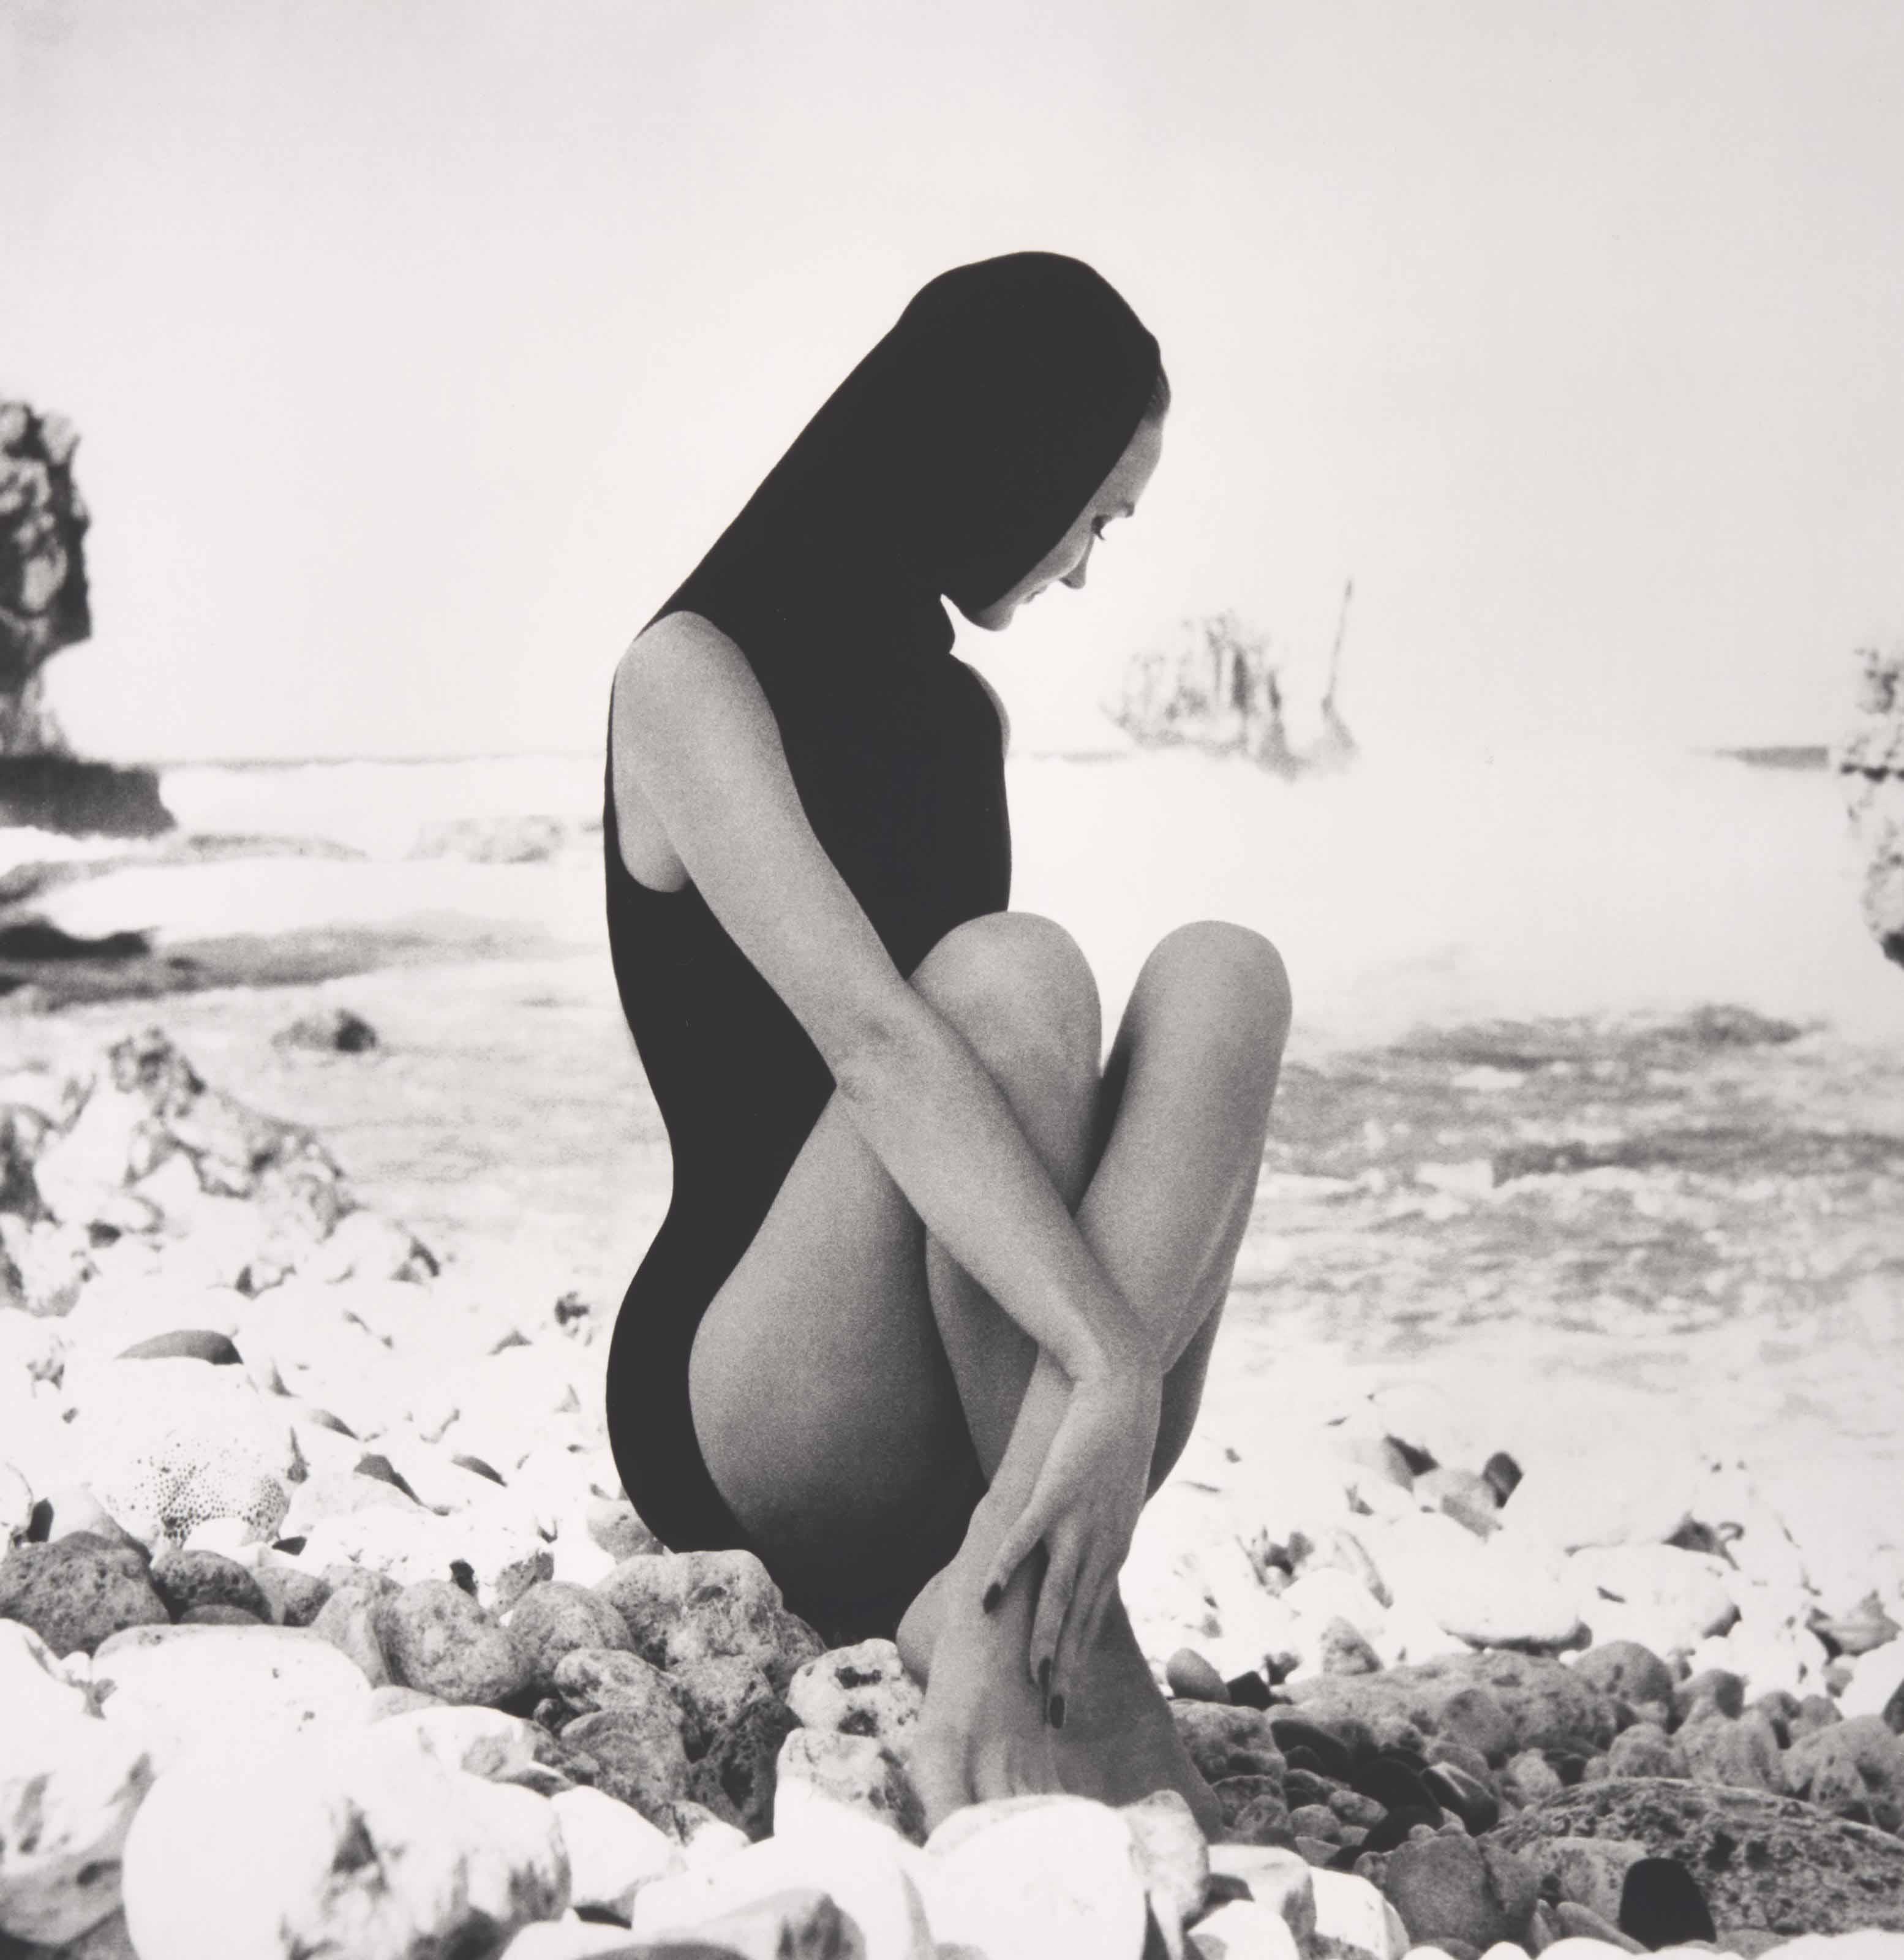 Evelyn Tripp, Harper's Bazaar, 1954